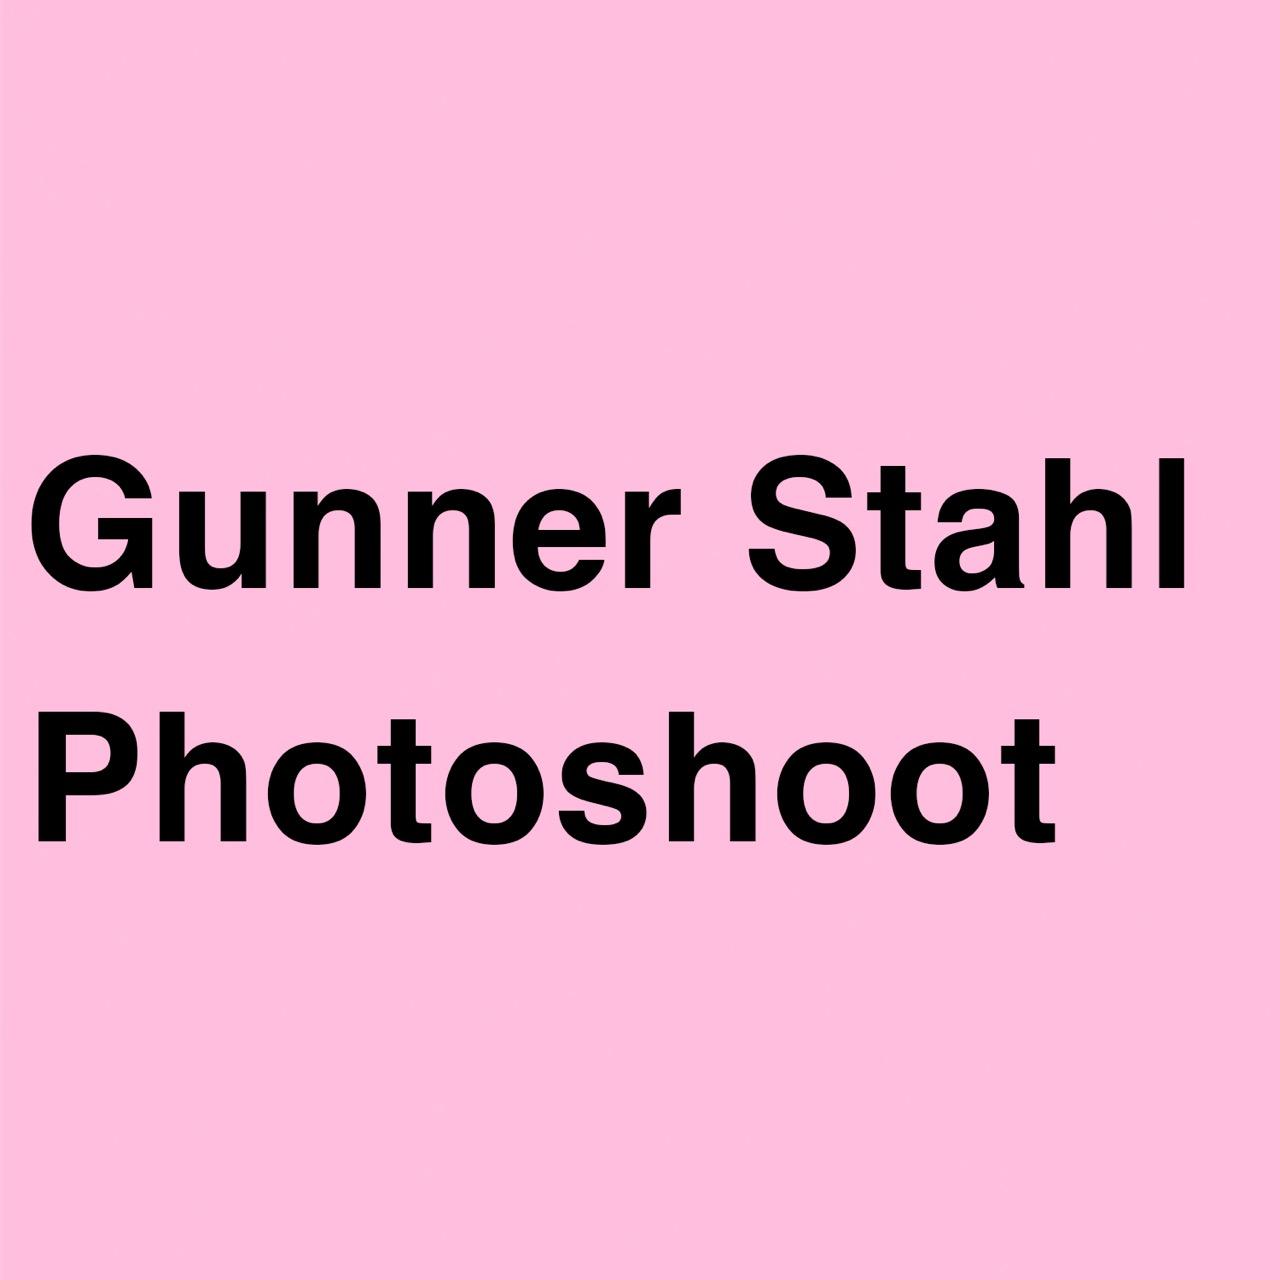 Full Photo Shoot By Gunner Stahl